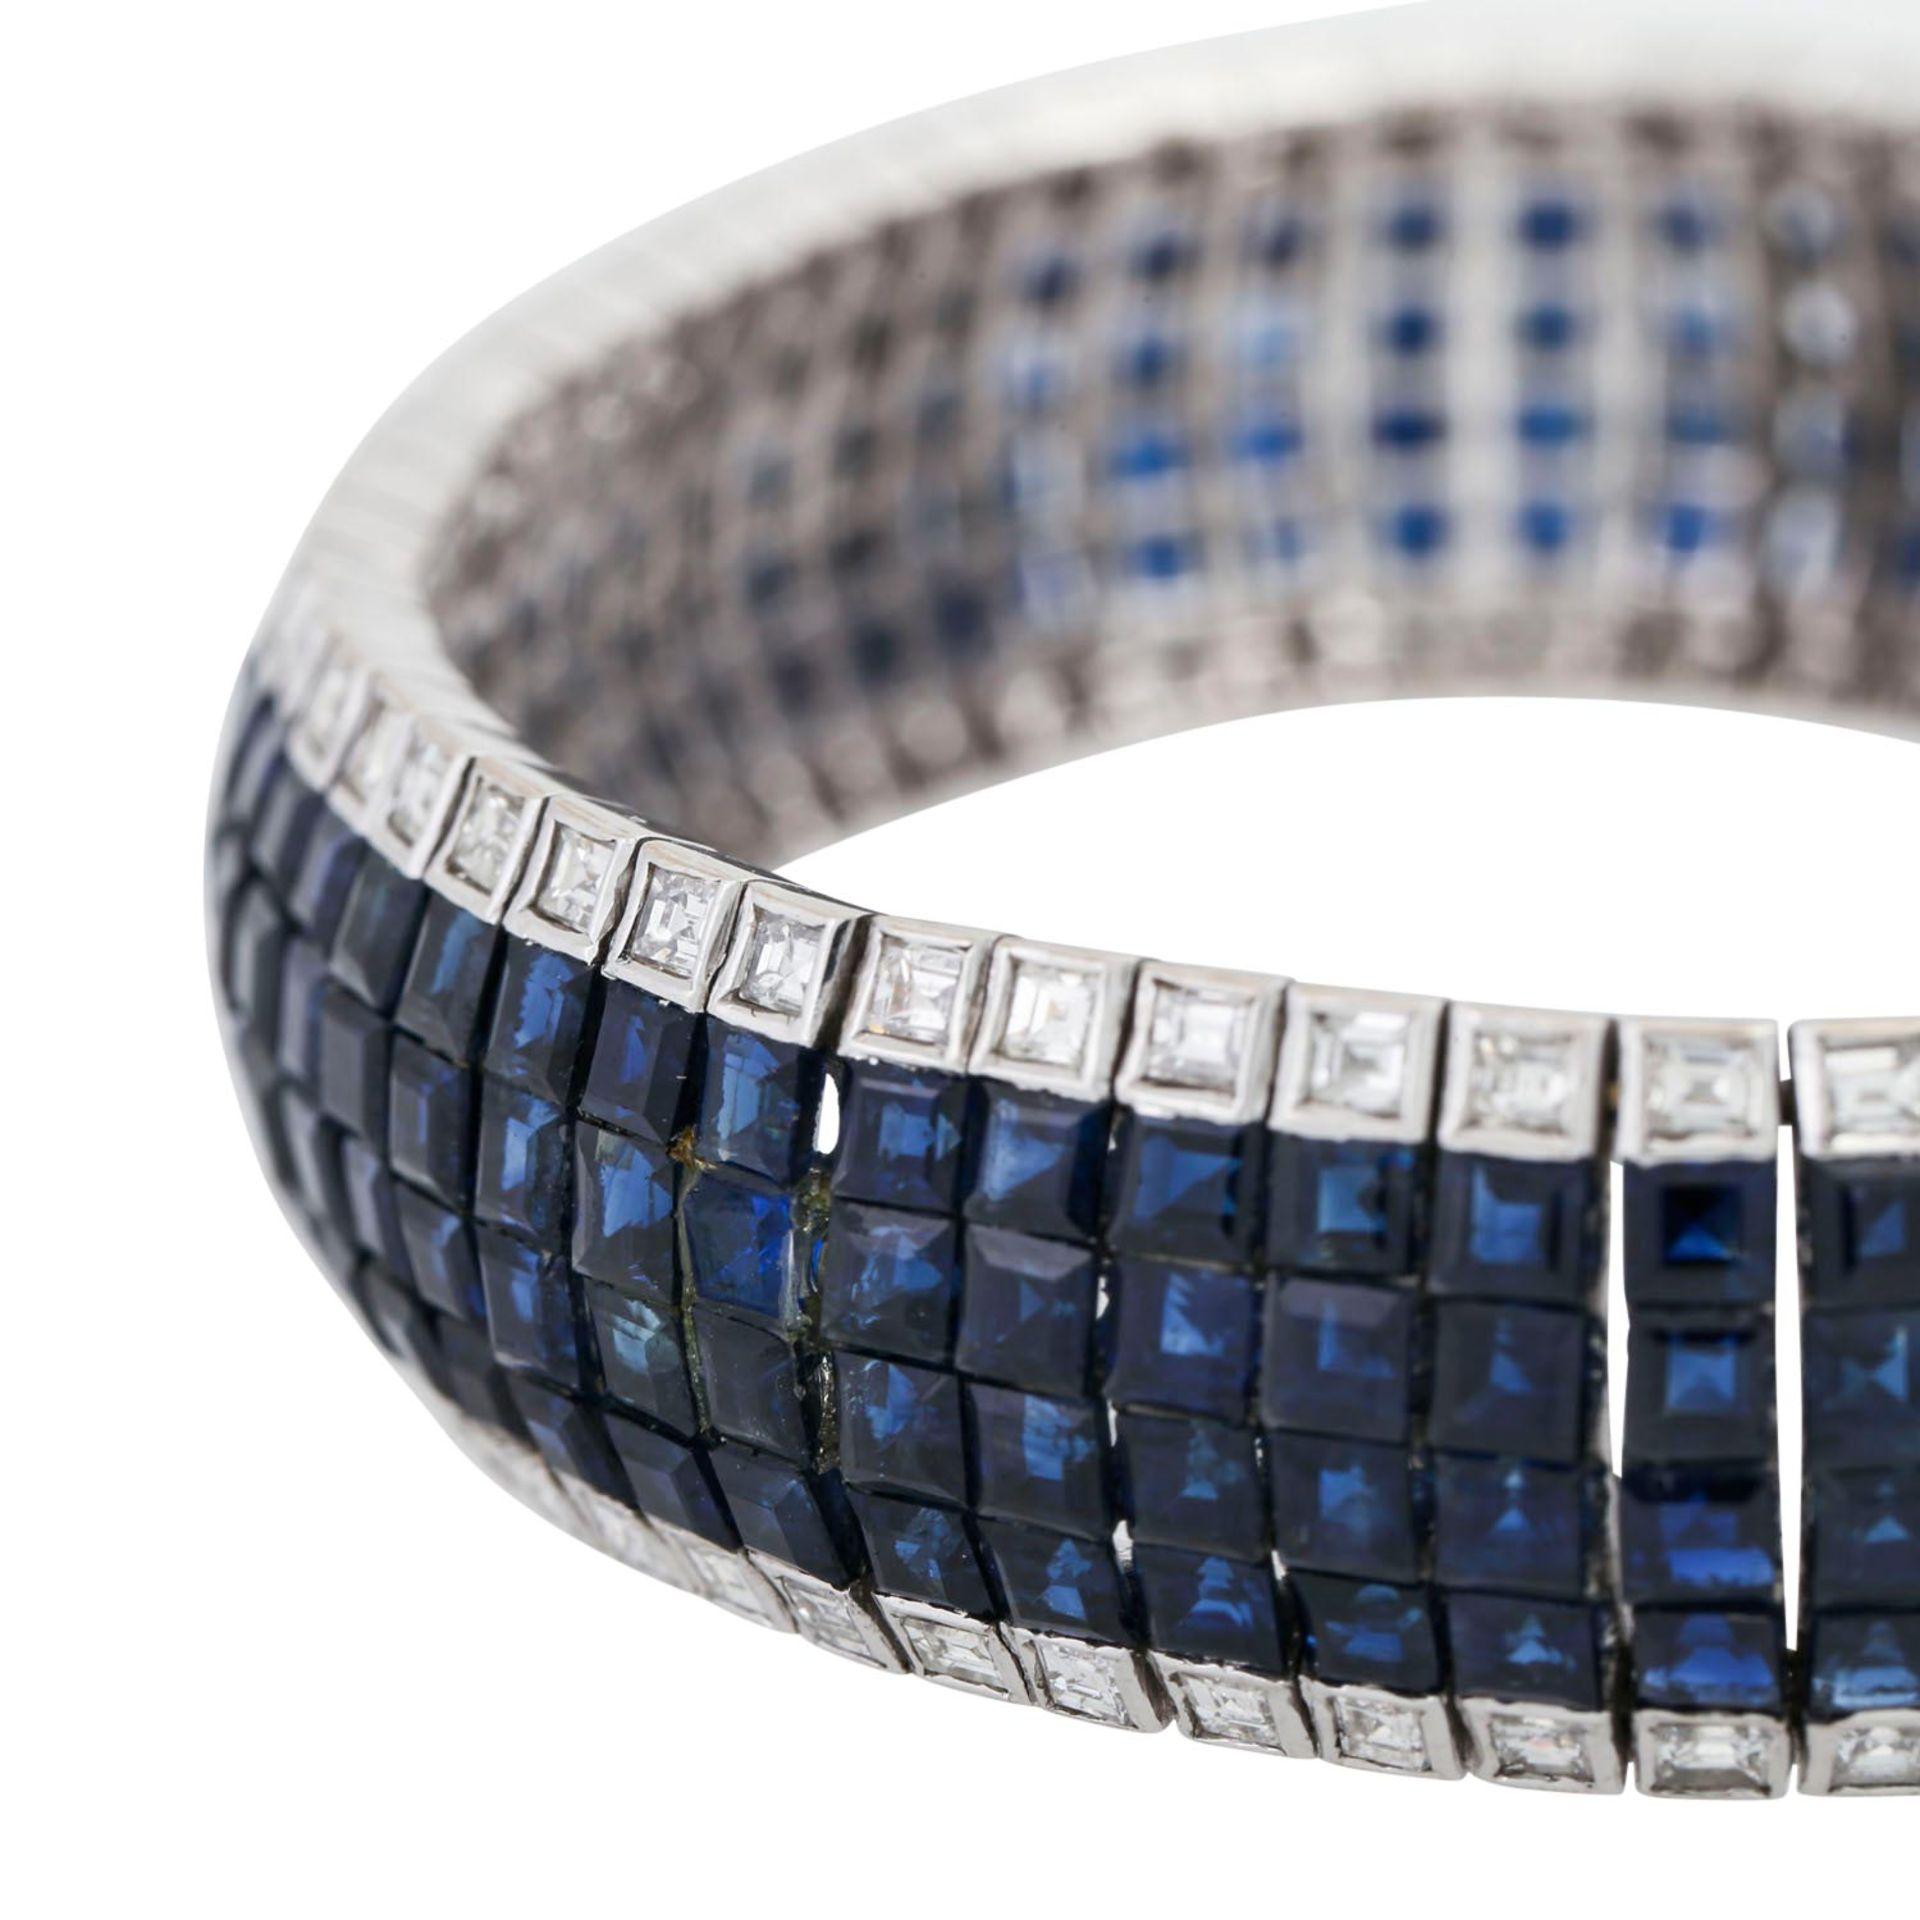 Armband mit Saphiren und Diamanten, im Baguetteschliff von zus. ca. 6 ct, mittlere bis - Image 5 of 7